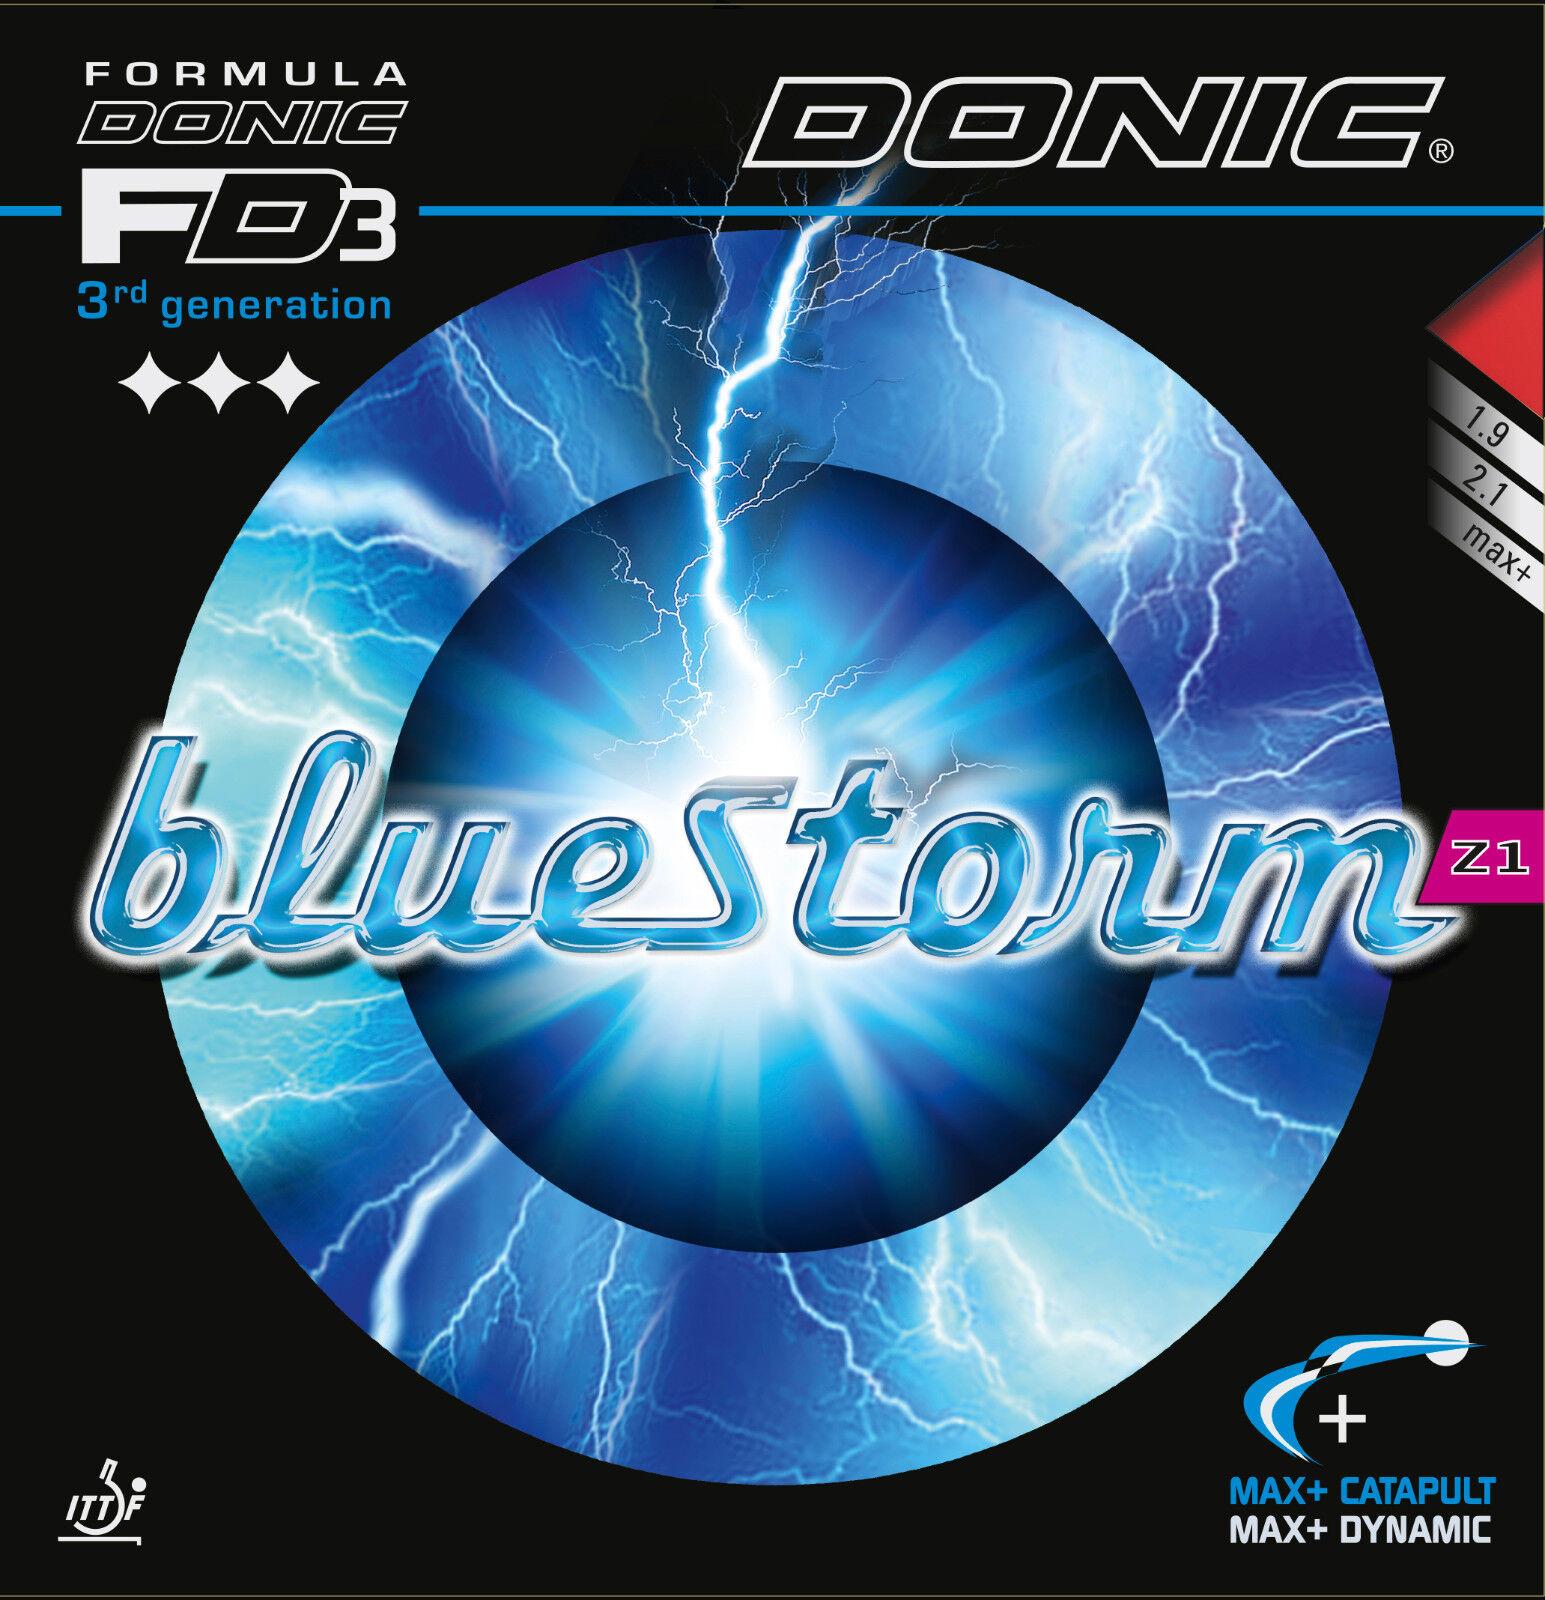 DONIC Blaustorm Z1 max+ schwarz NEU     OVP  | Outlet  | Klein und fein  | Fierce Kaufen  944022